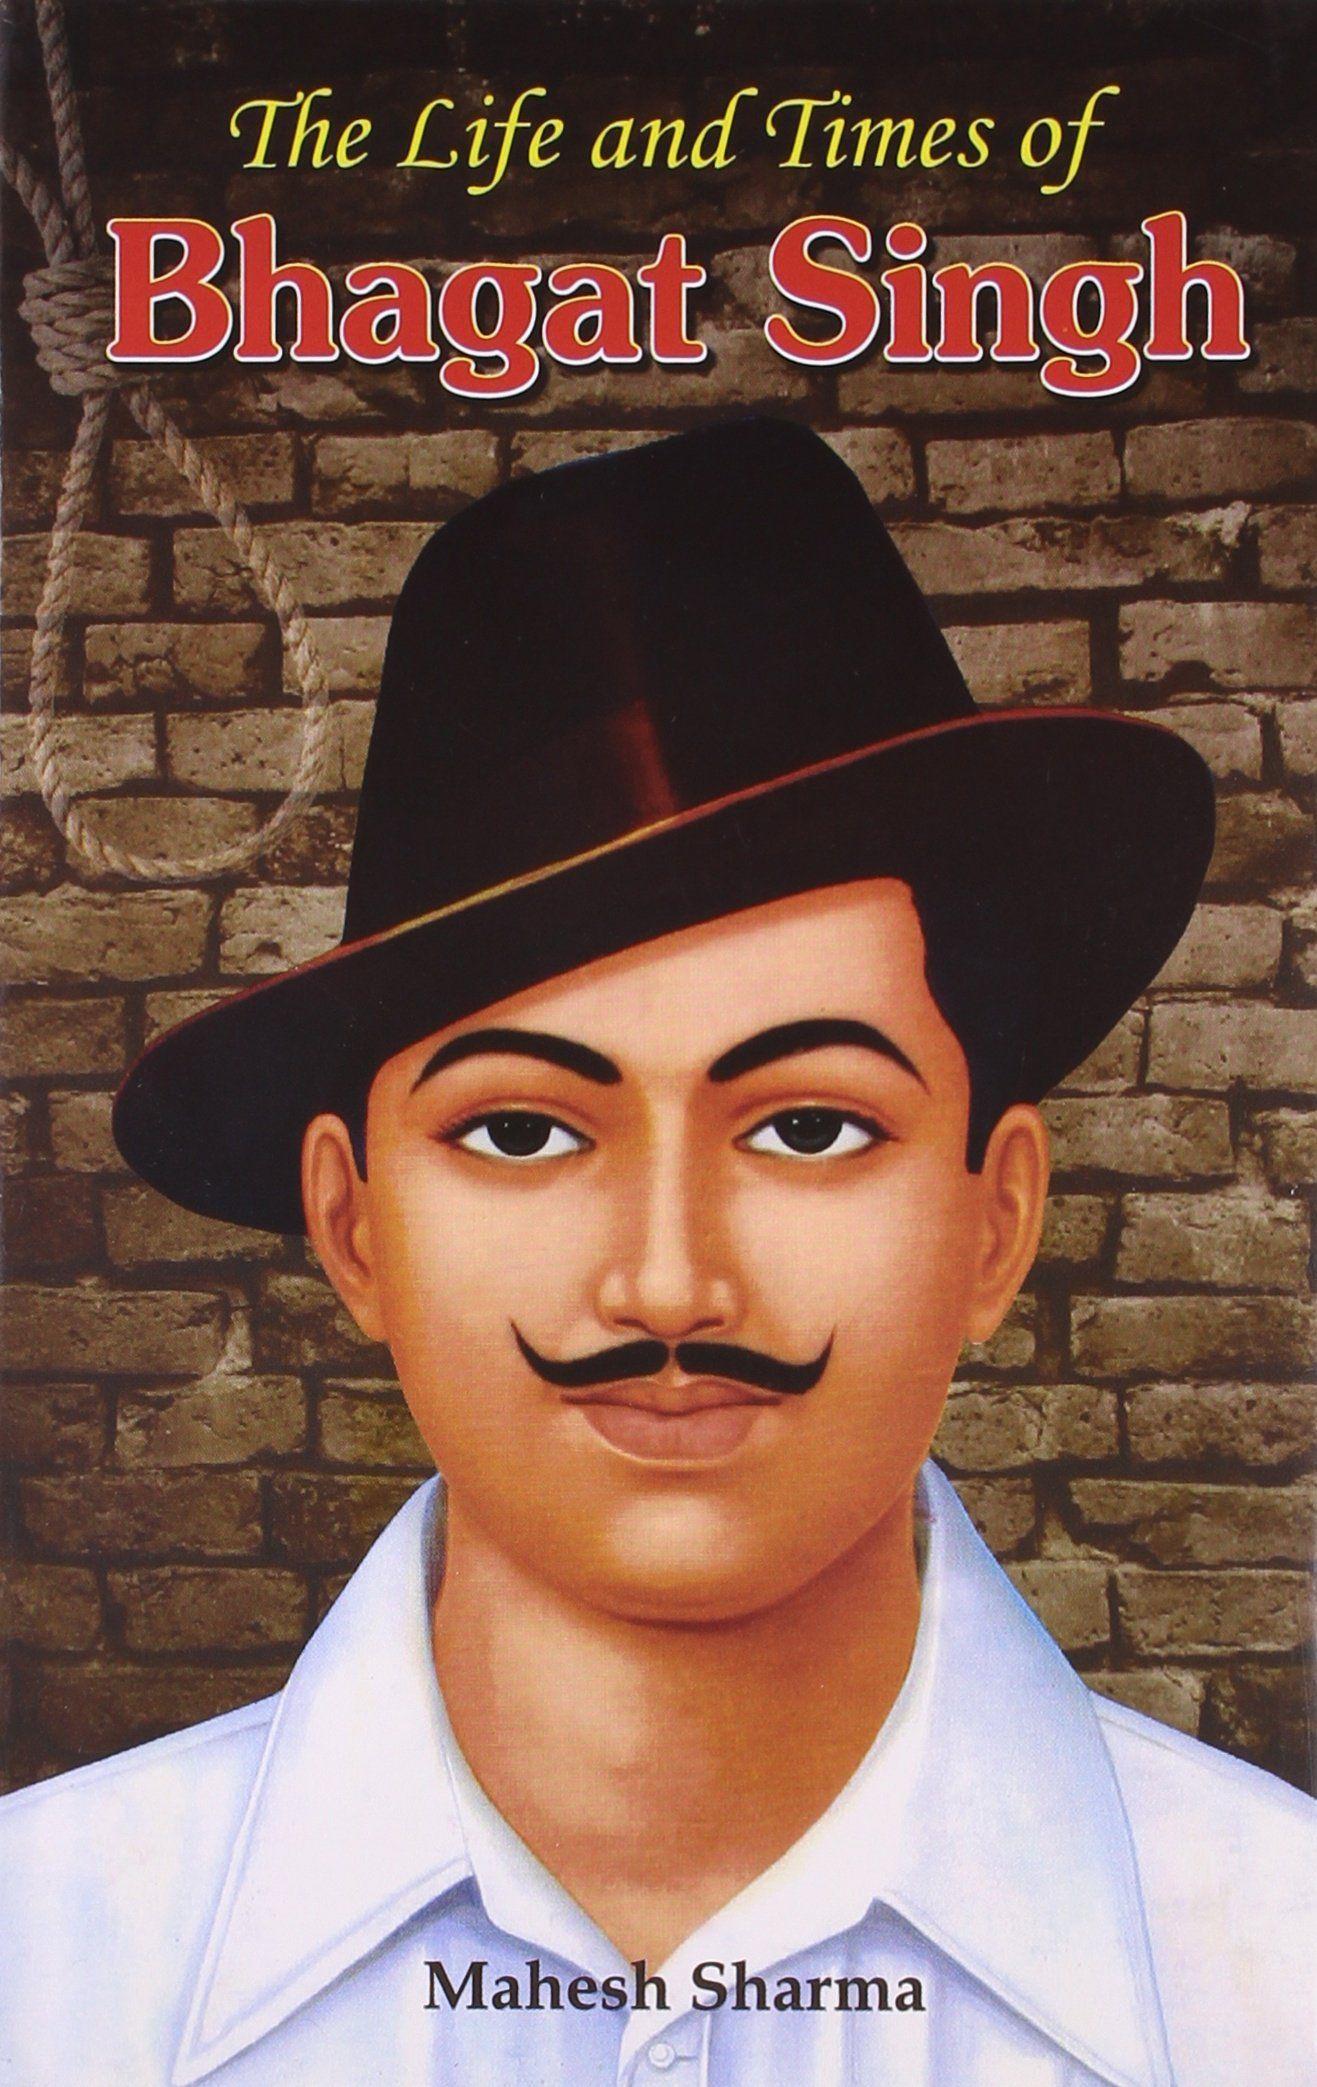 TheLifeAndTimes Of BhagatSingh by MaheshSharma.